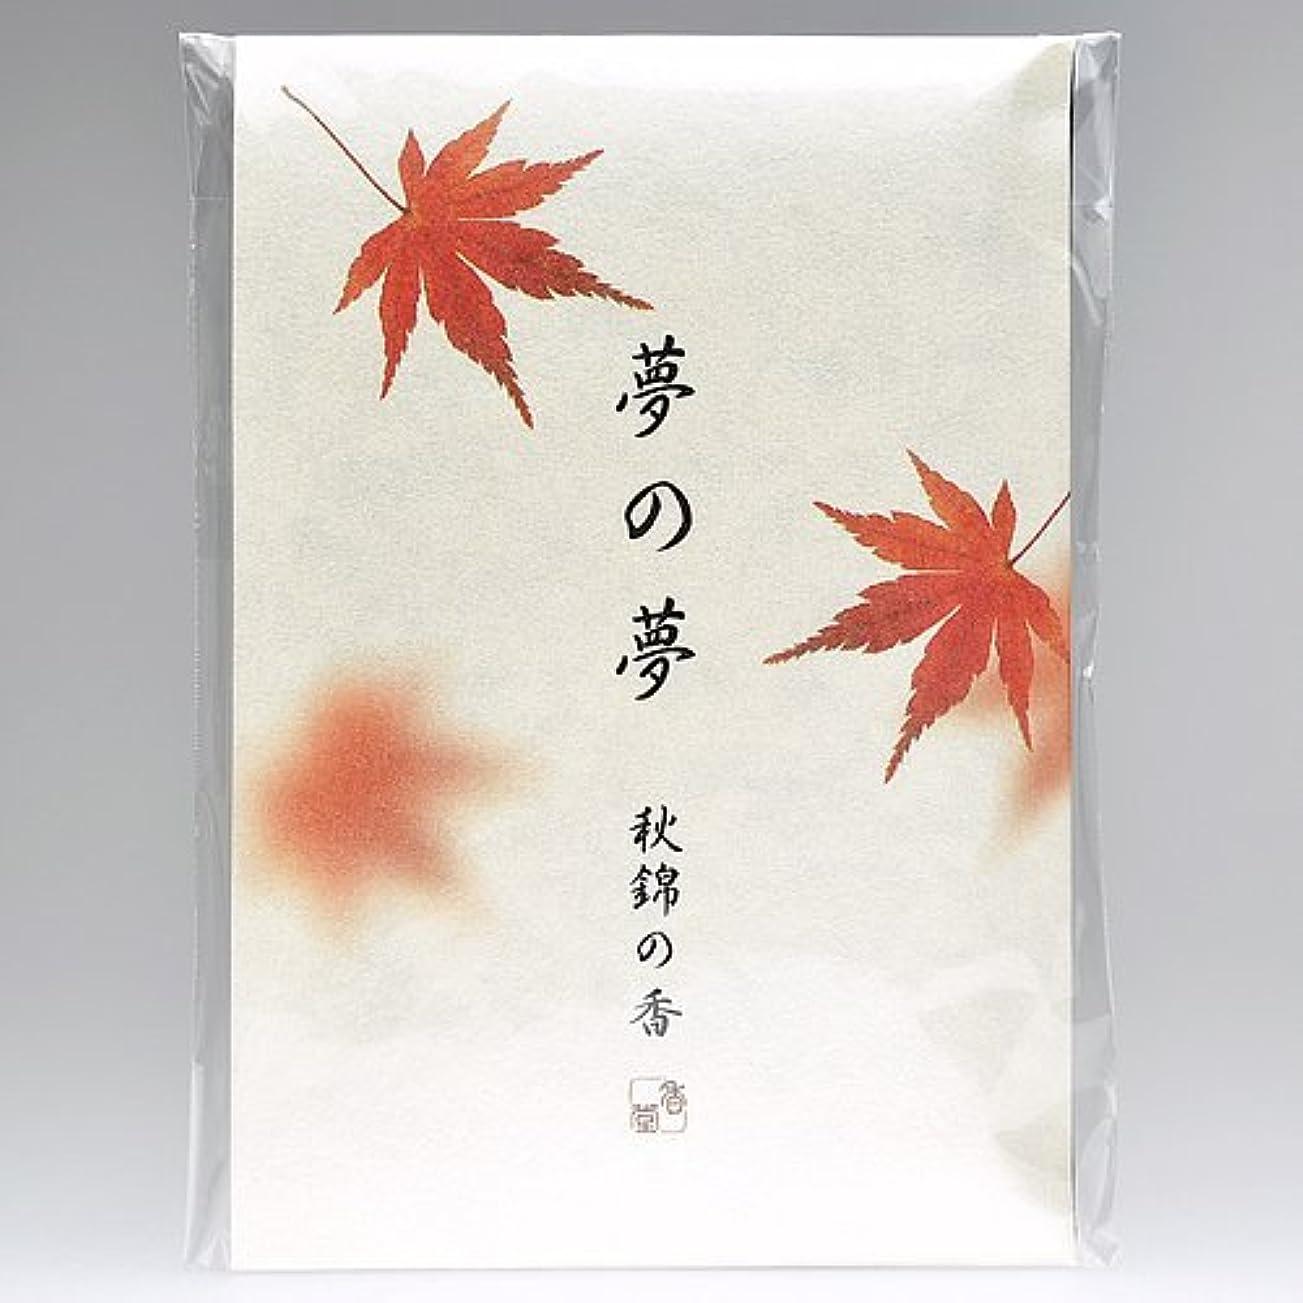 インディカペルメルクラッチ夢の夢 秋錦の香 (紅葉) スティック12本入